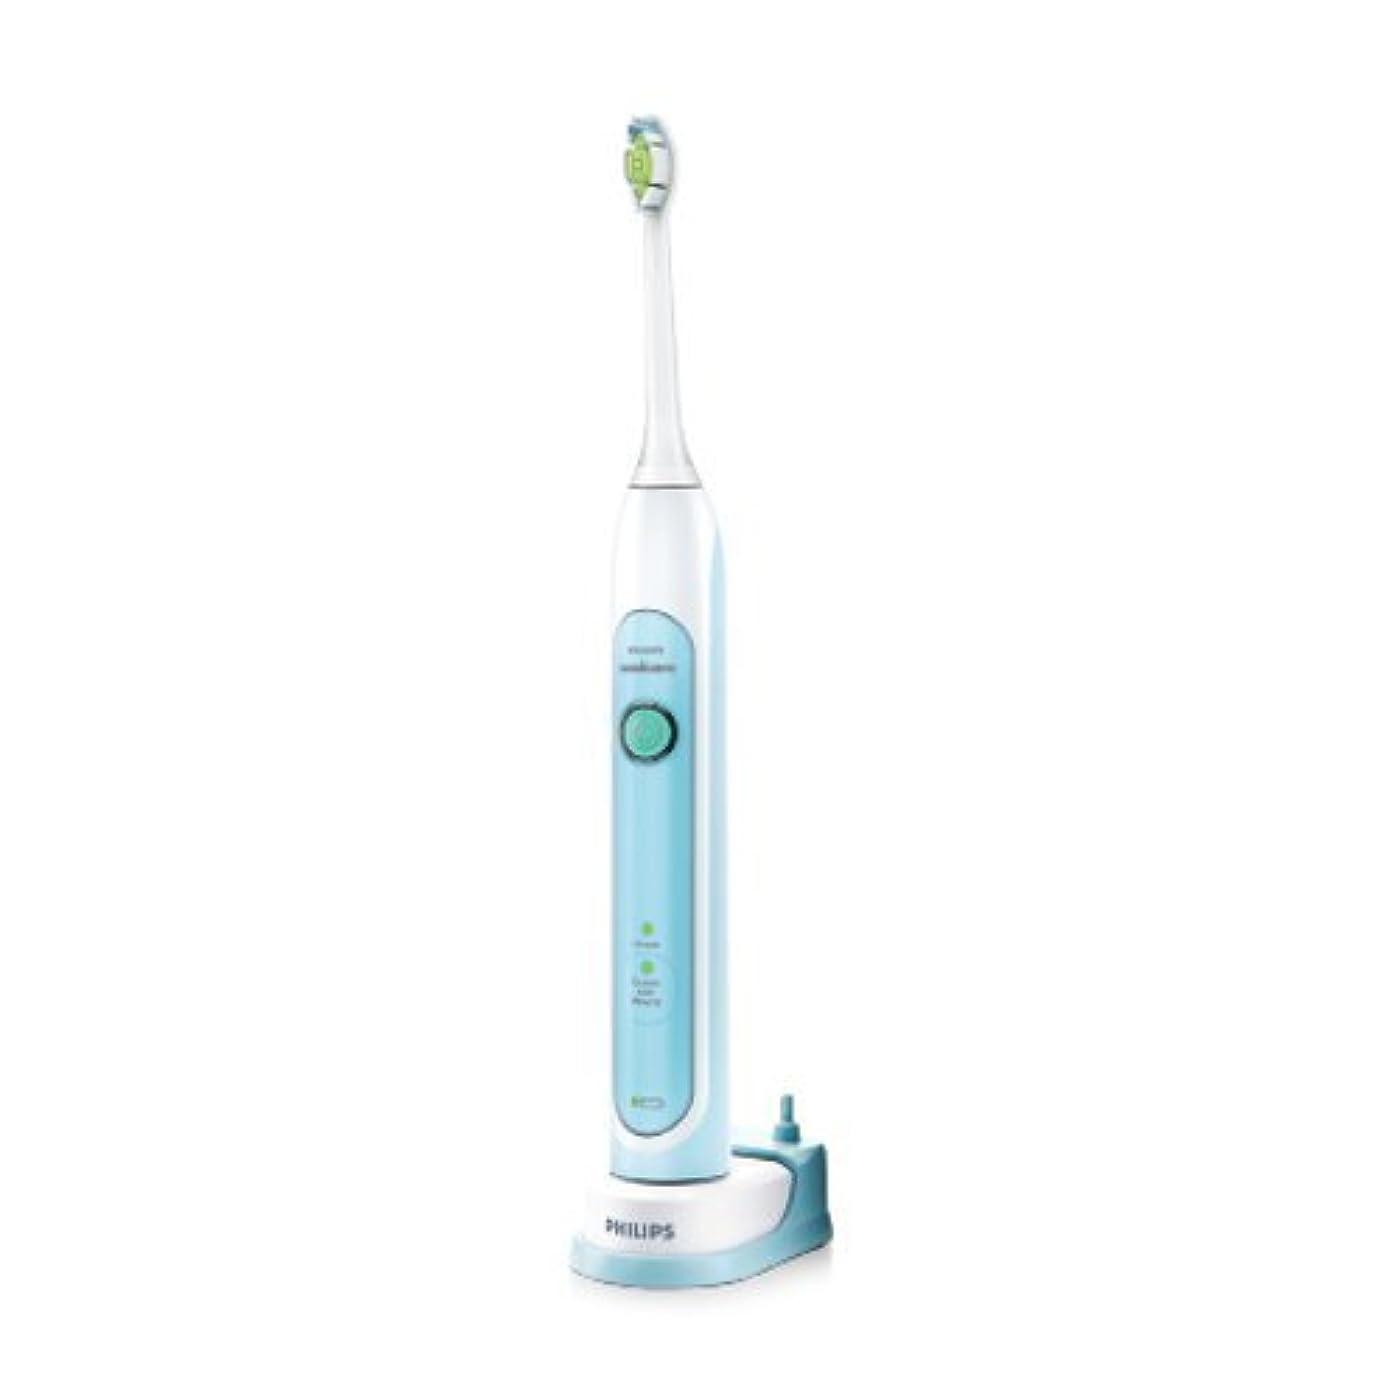 フィリップス 電動歯ブラシ ソニッケアー ヘルシーホワイト HX6714/43 ブルー